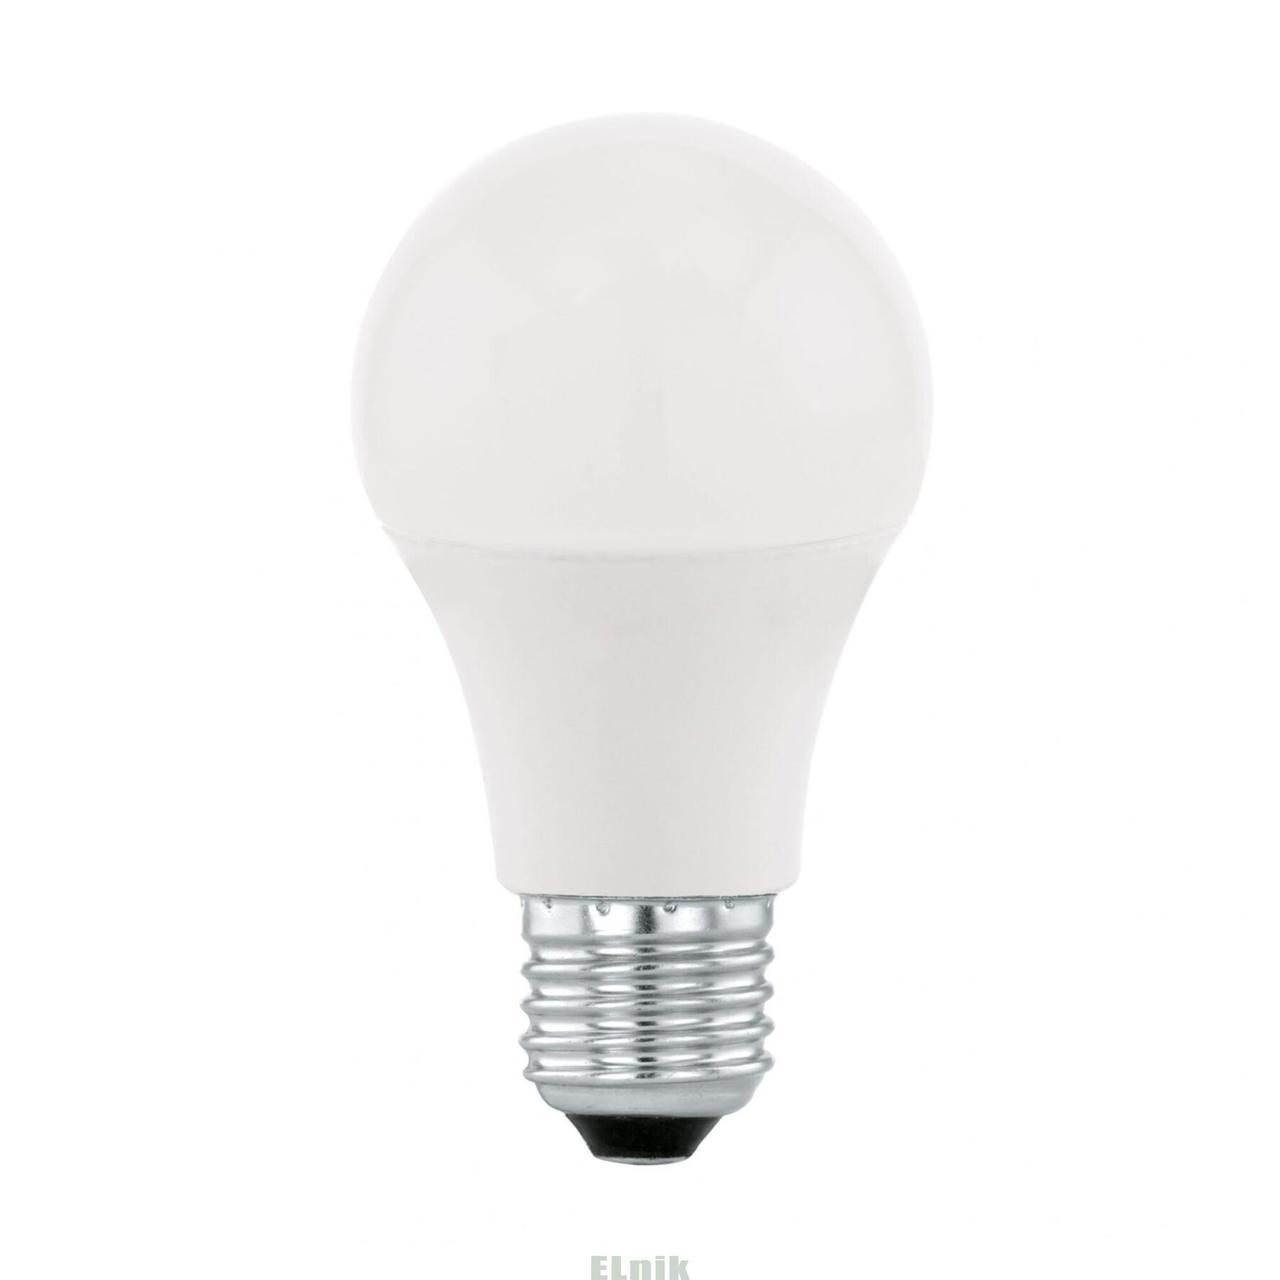 Лампа светодиодная диммируемая умный свет 3000K LM LED E27, Eglo [11684]